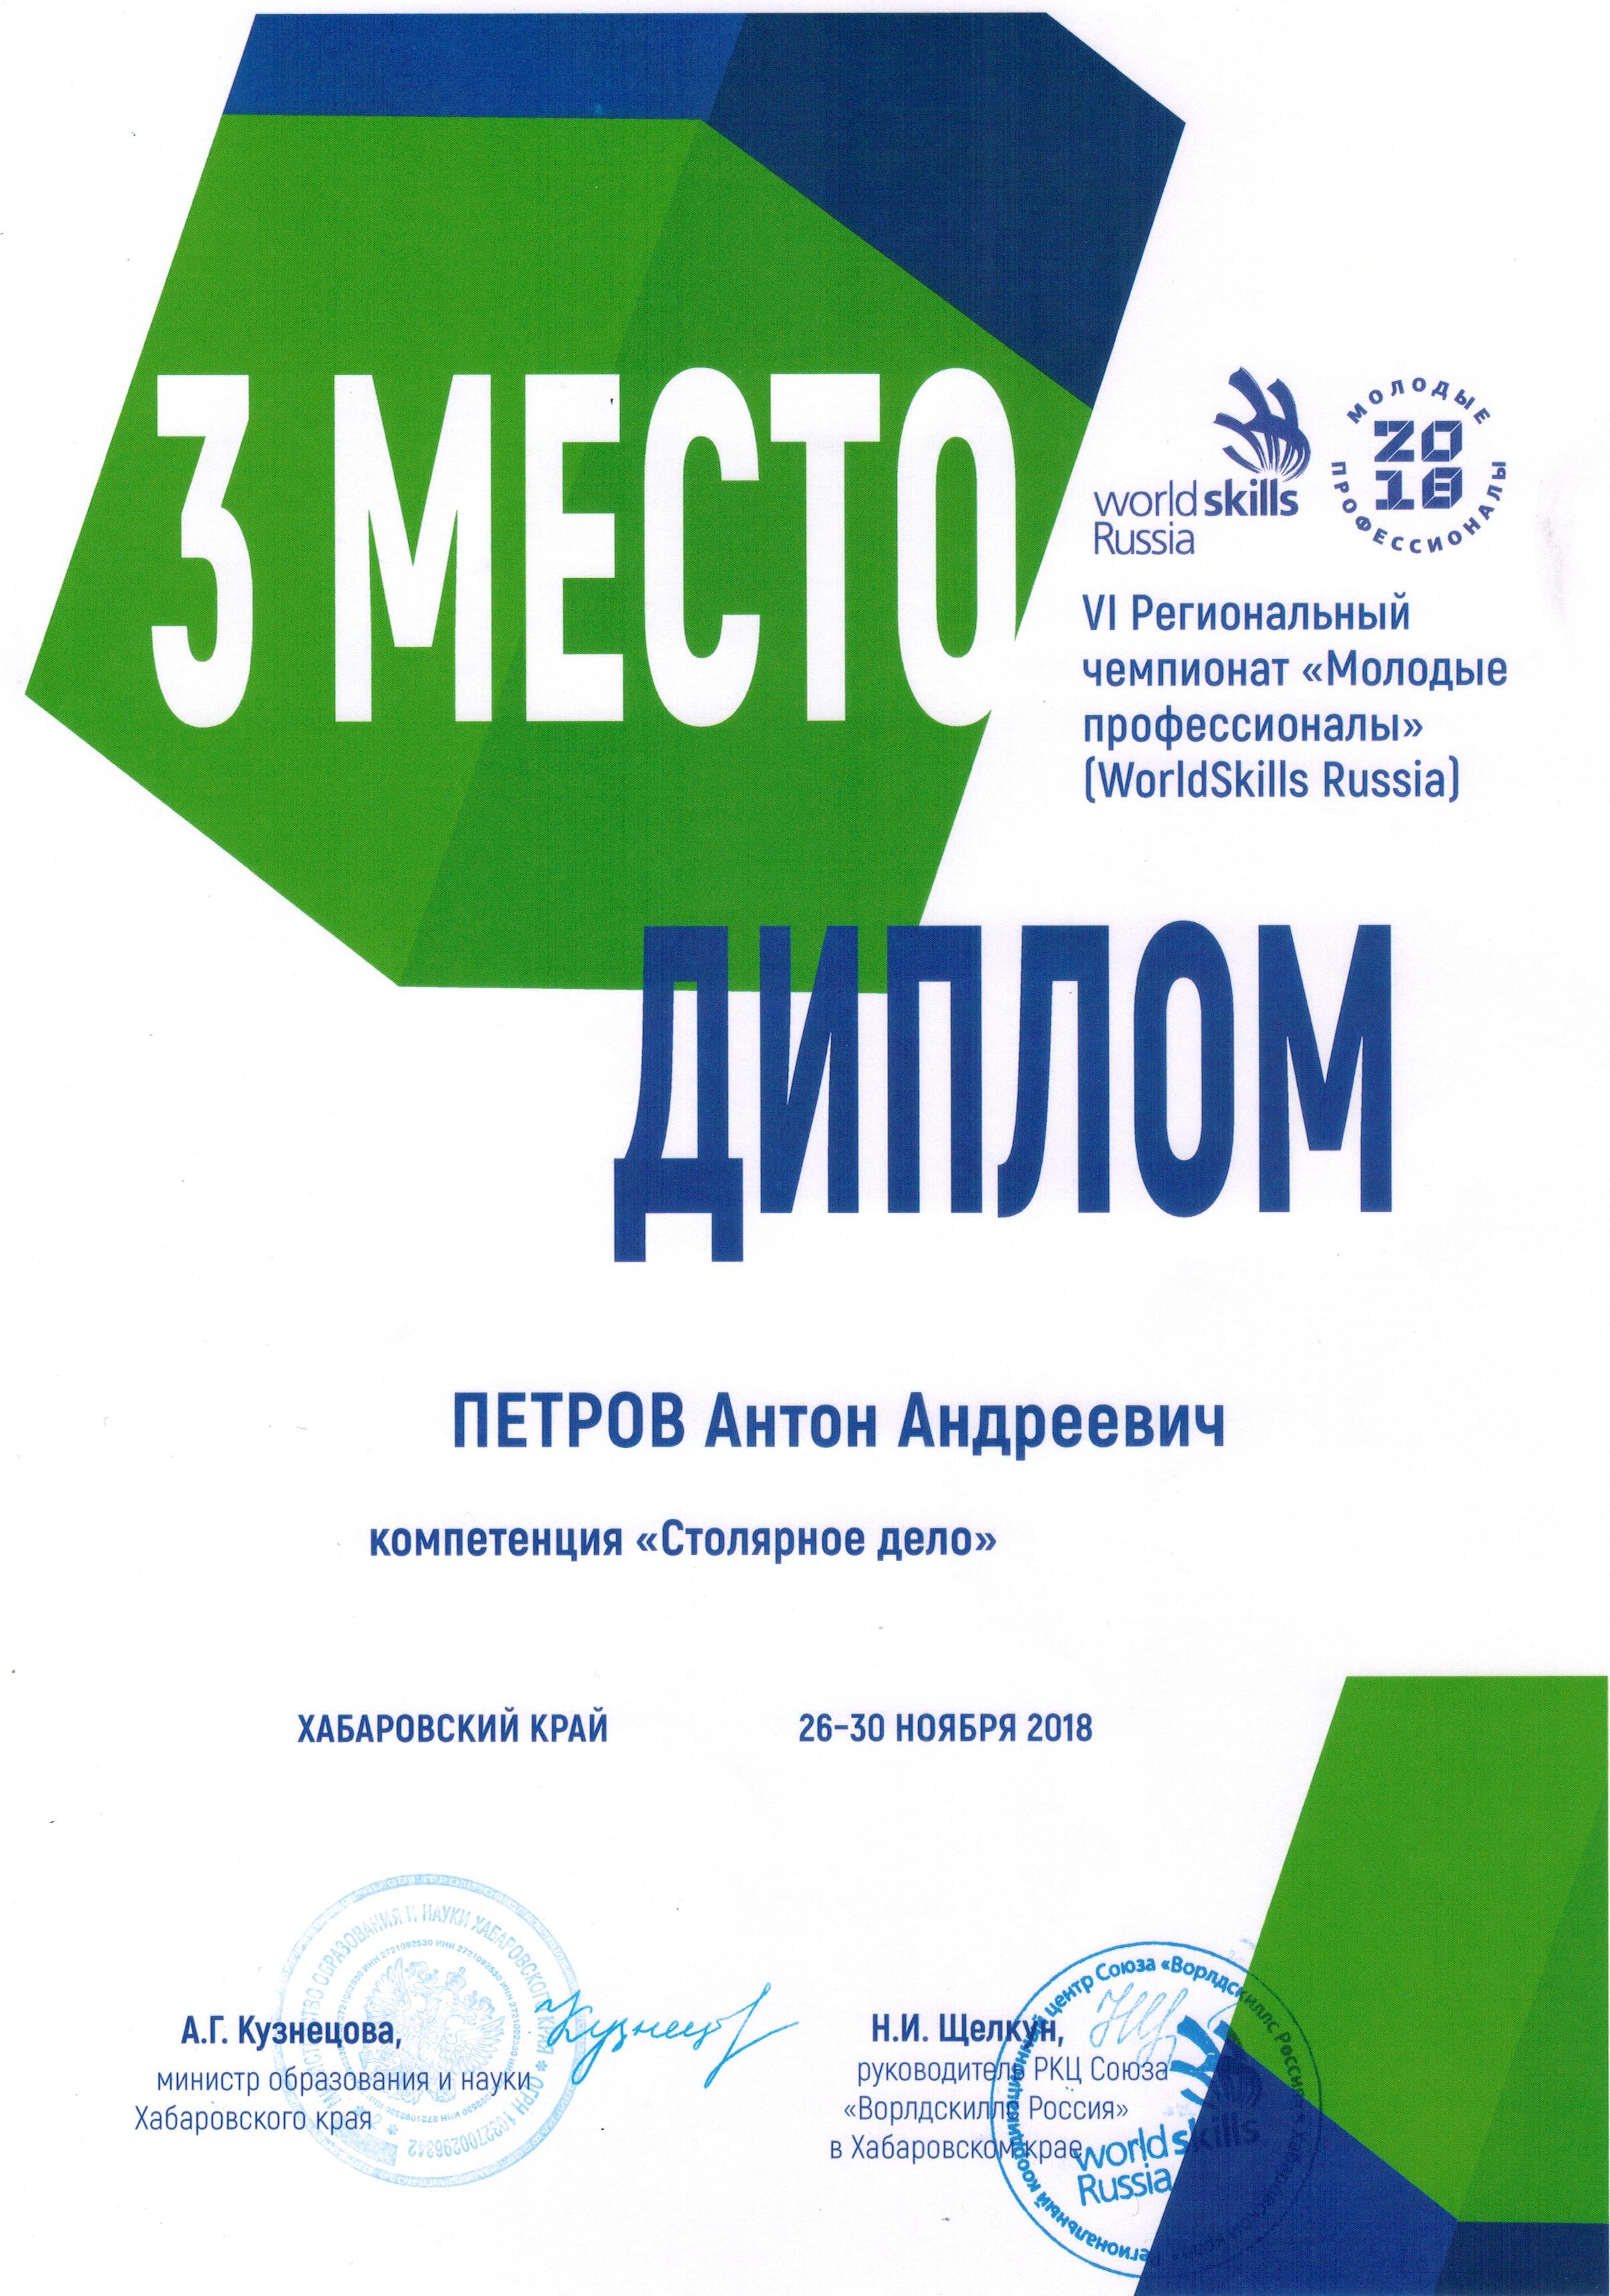 Петров диплом